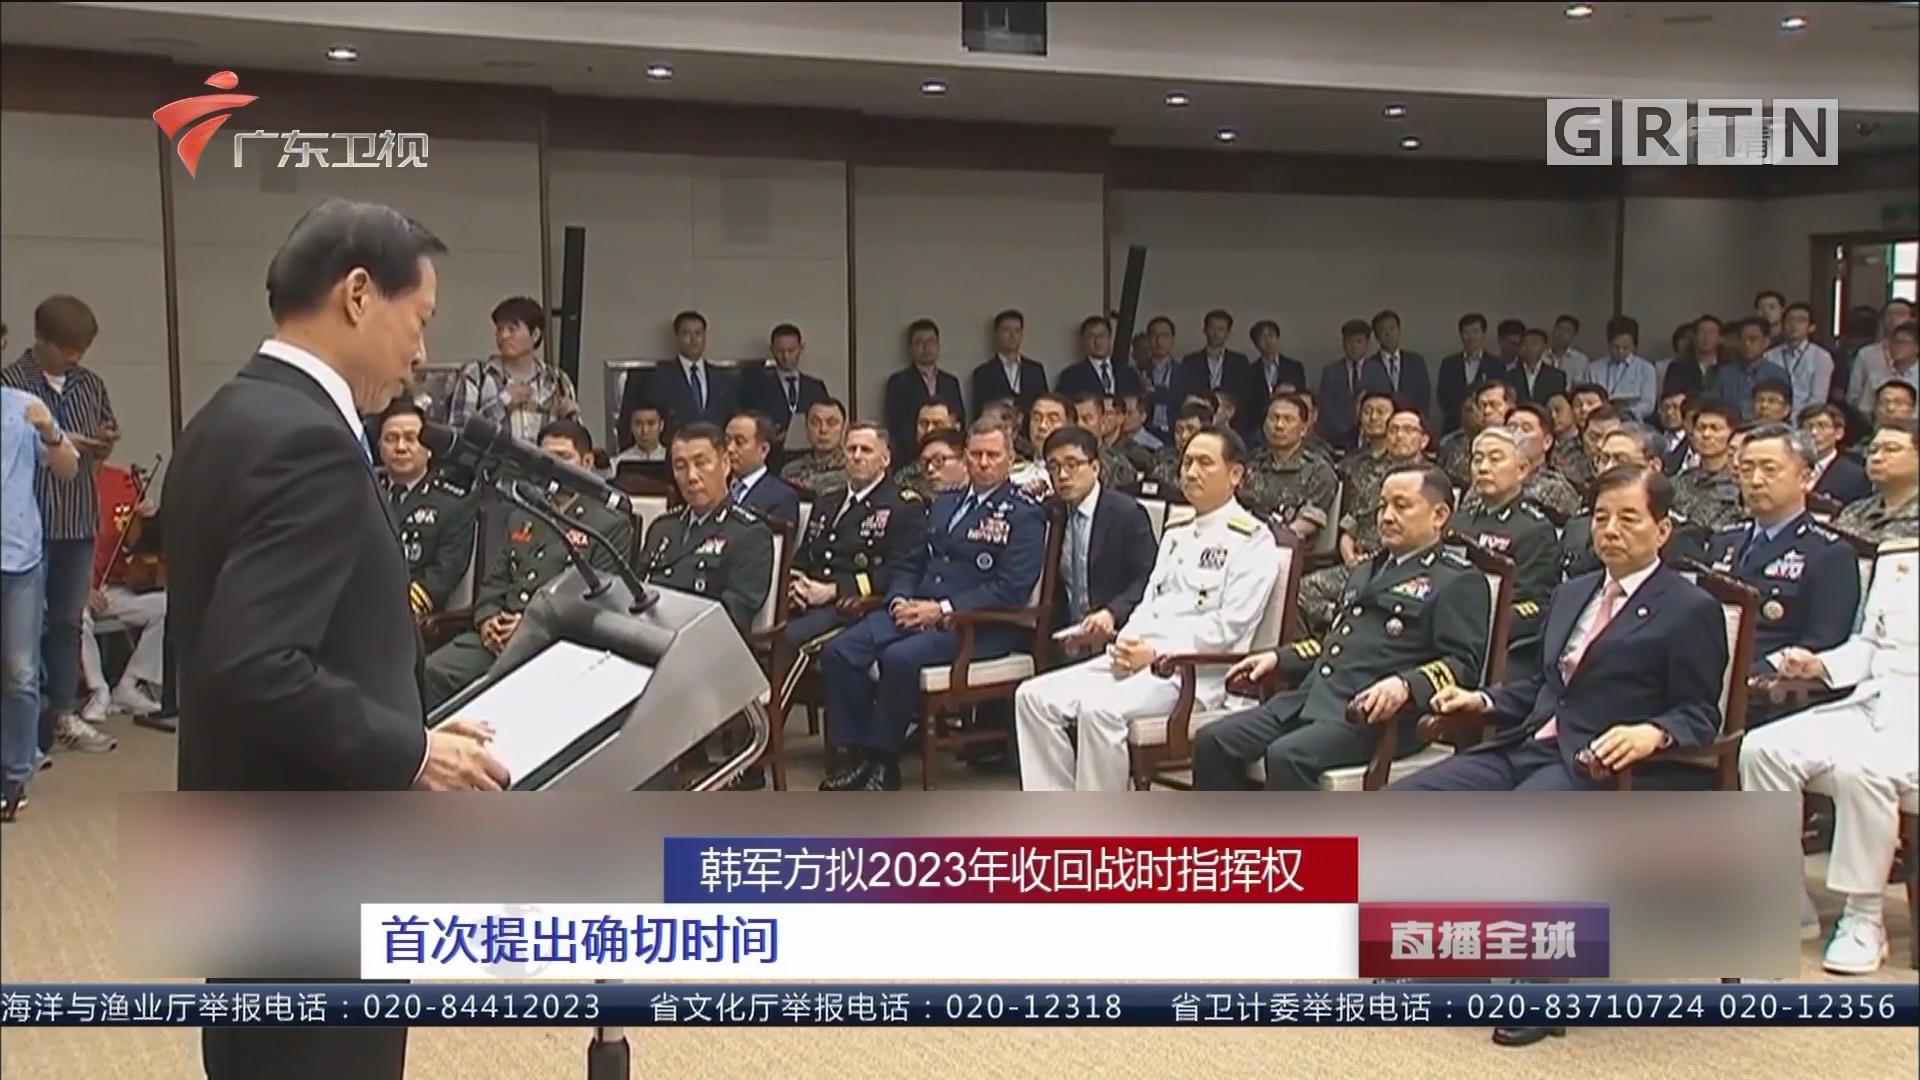 韩军方拟2023年收回战时指挥权:首次提出确切时间